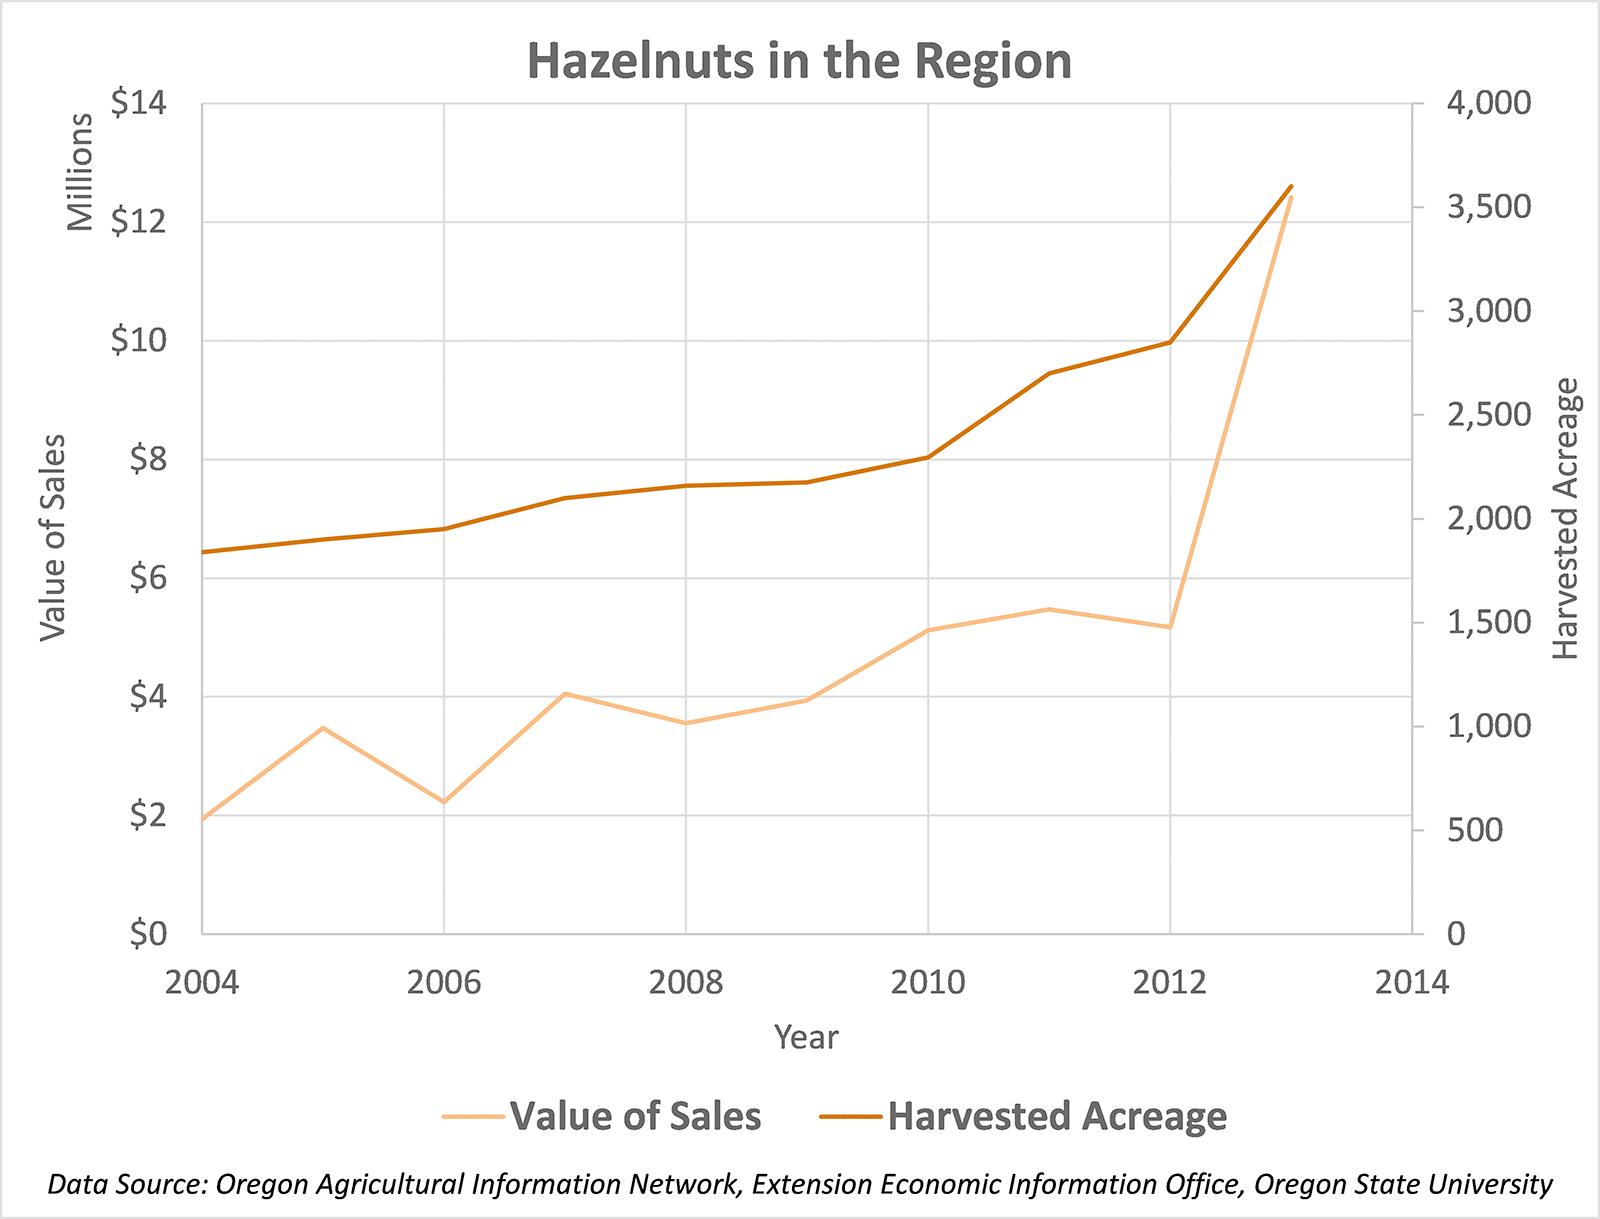 Hazelnuts in the Region